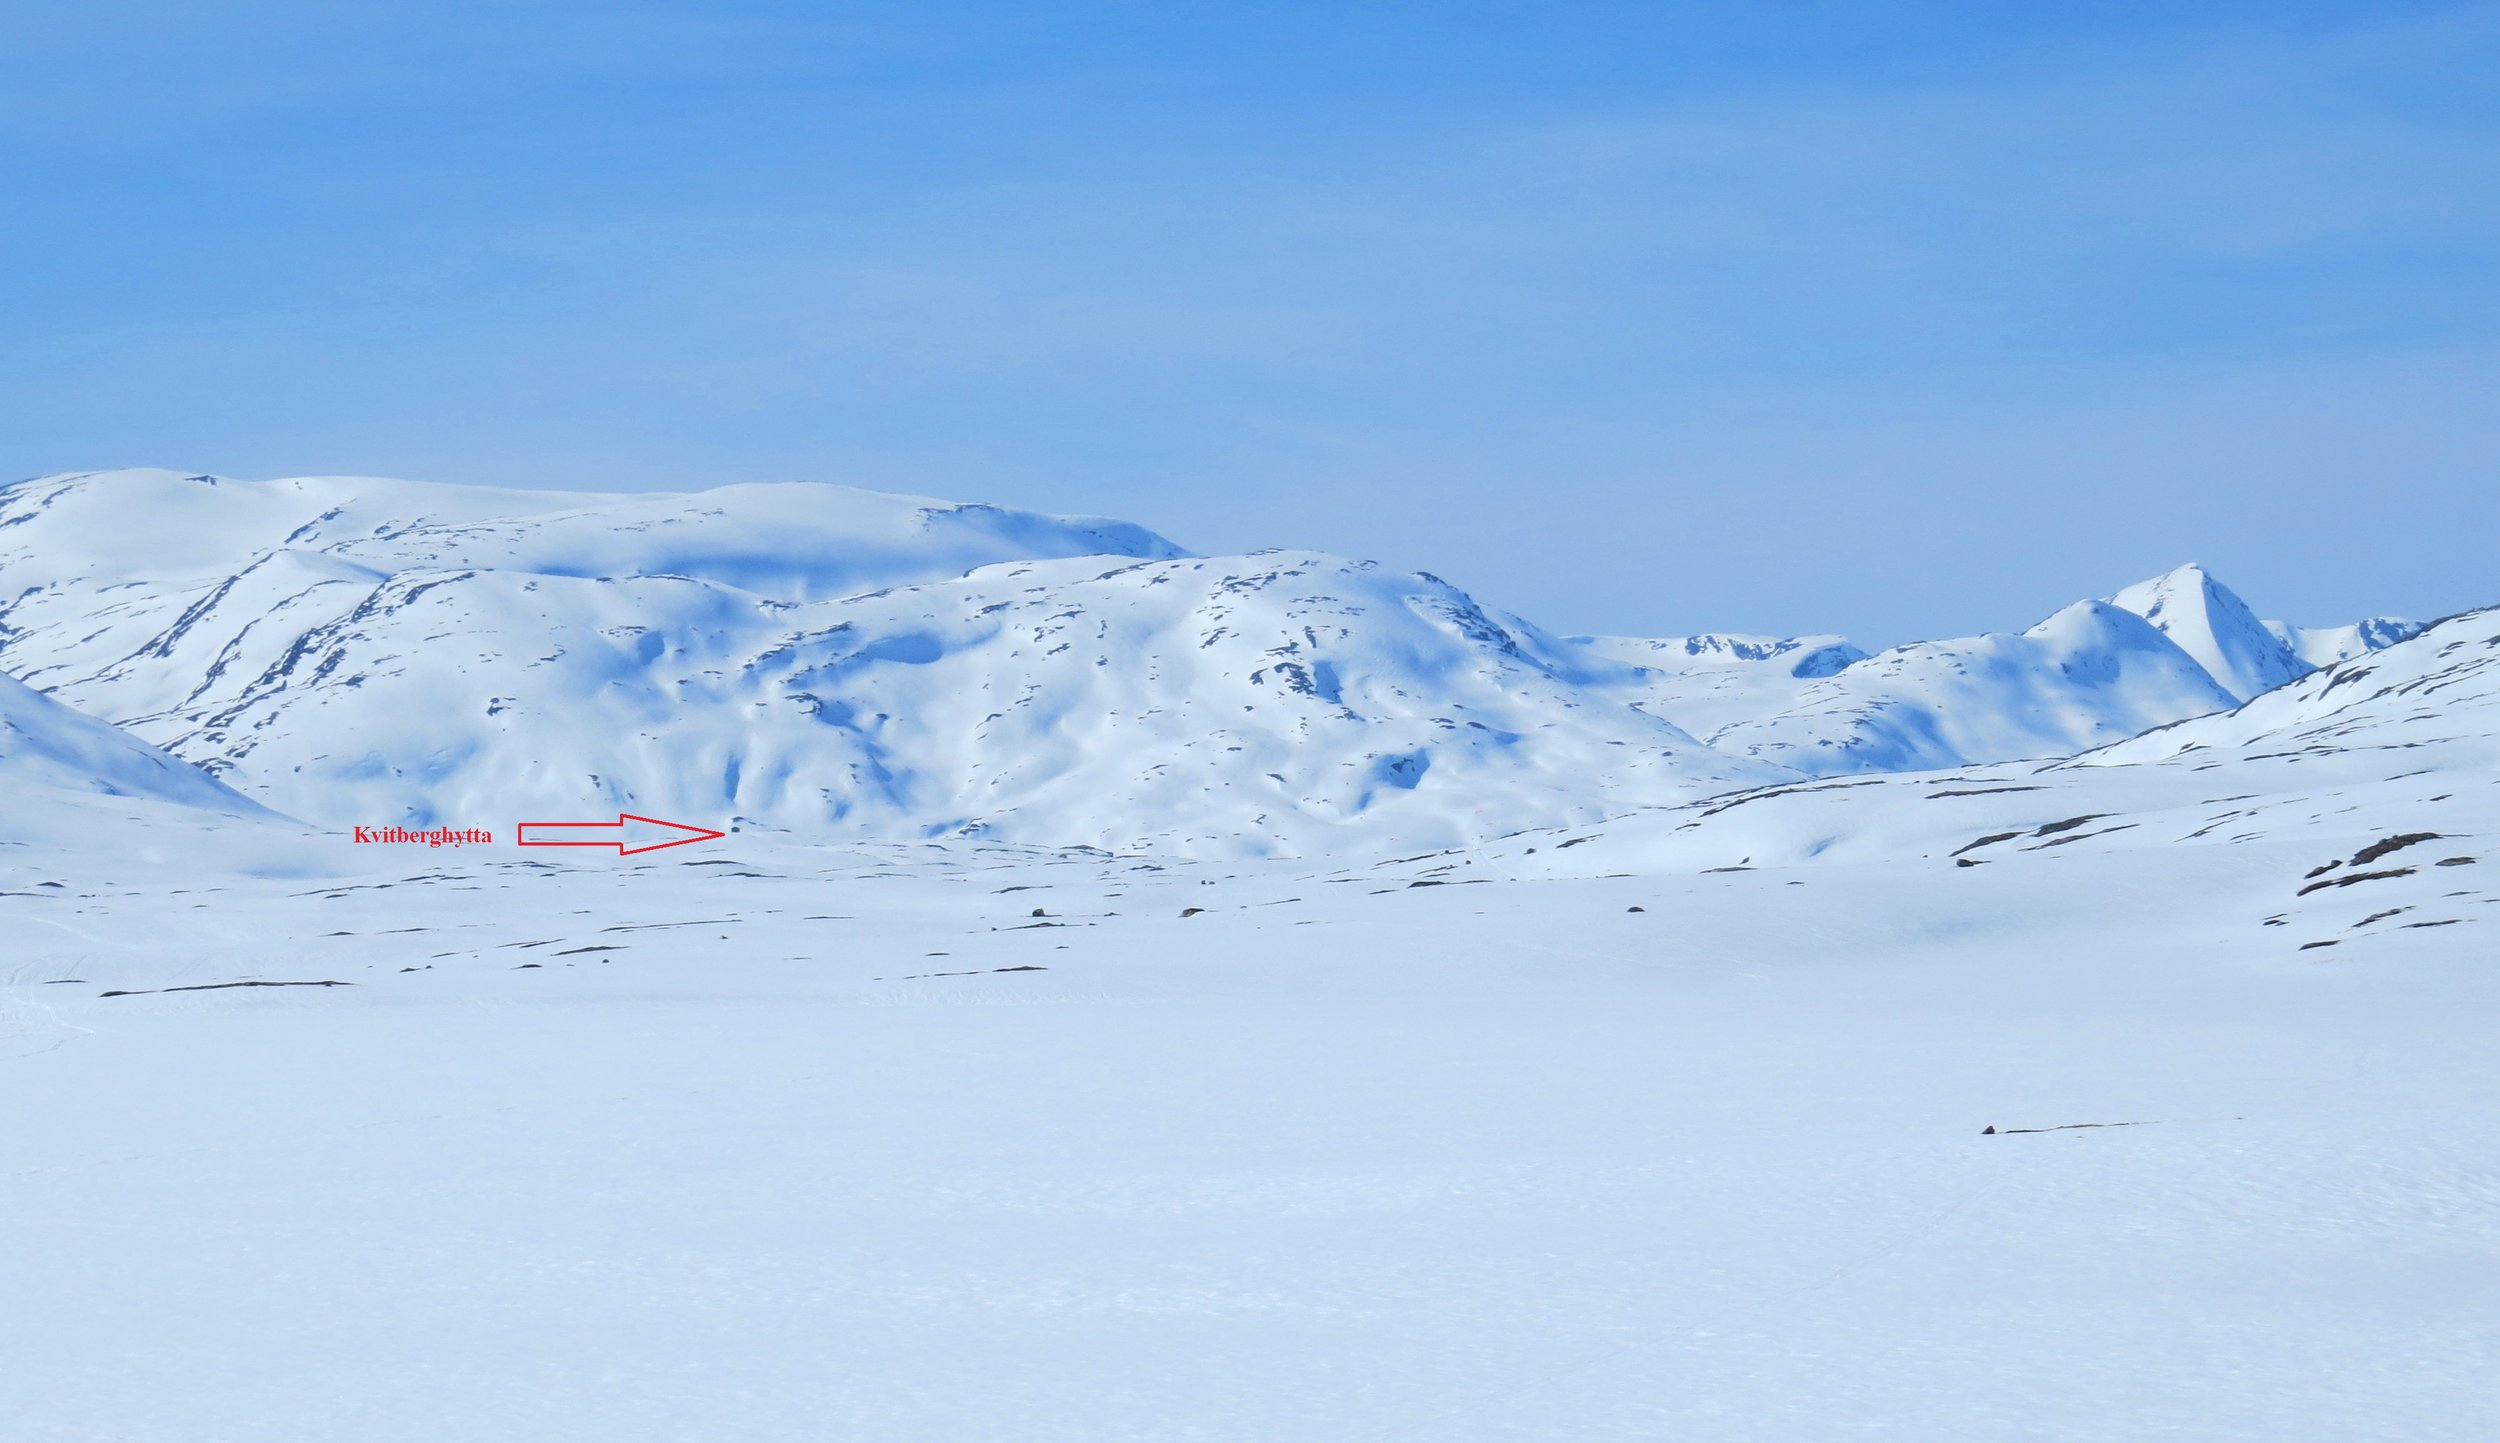 Kvitberghytta Hamsedalen vinter.jpg